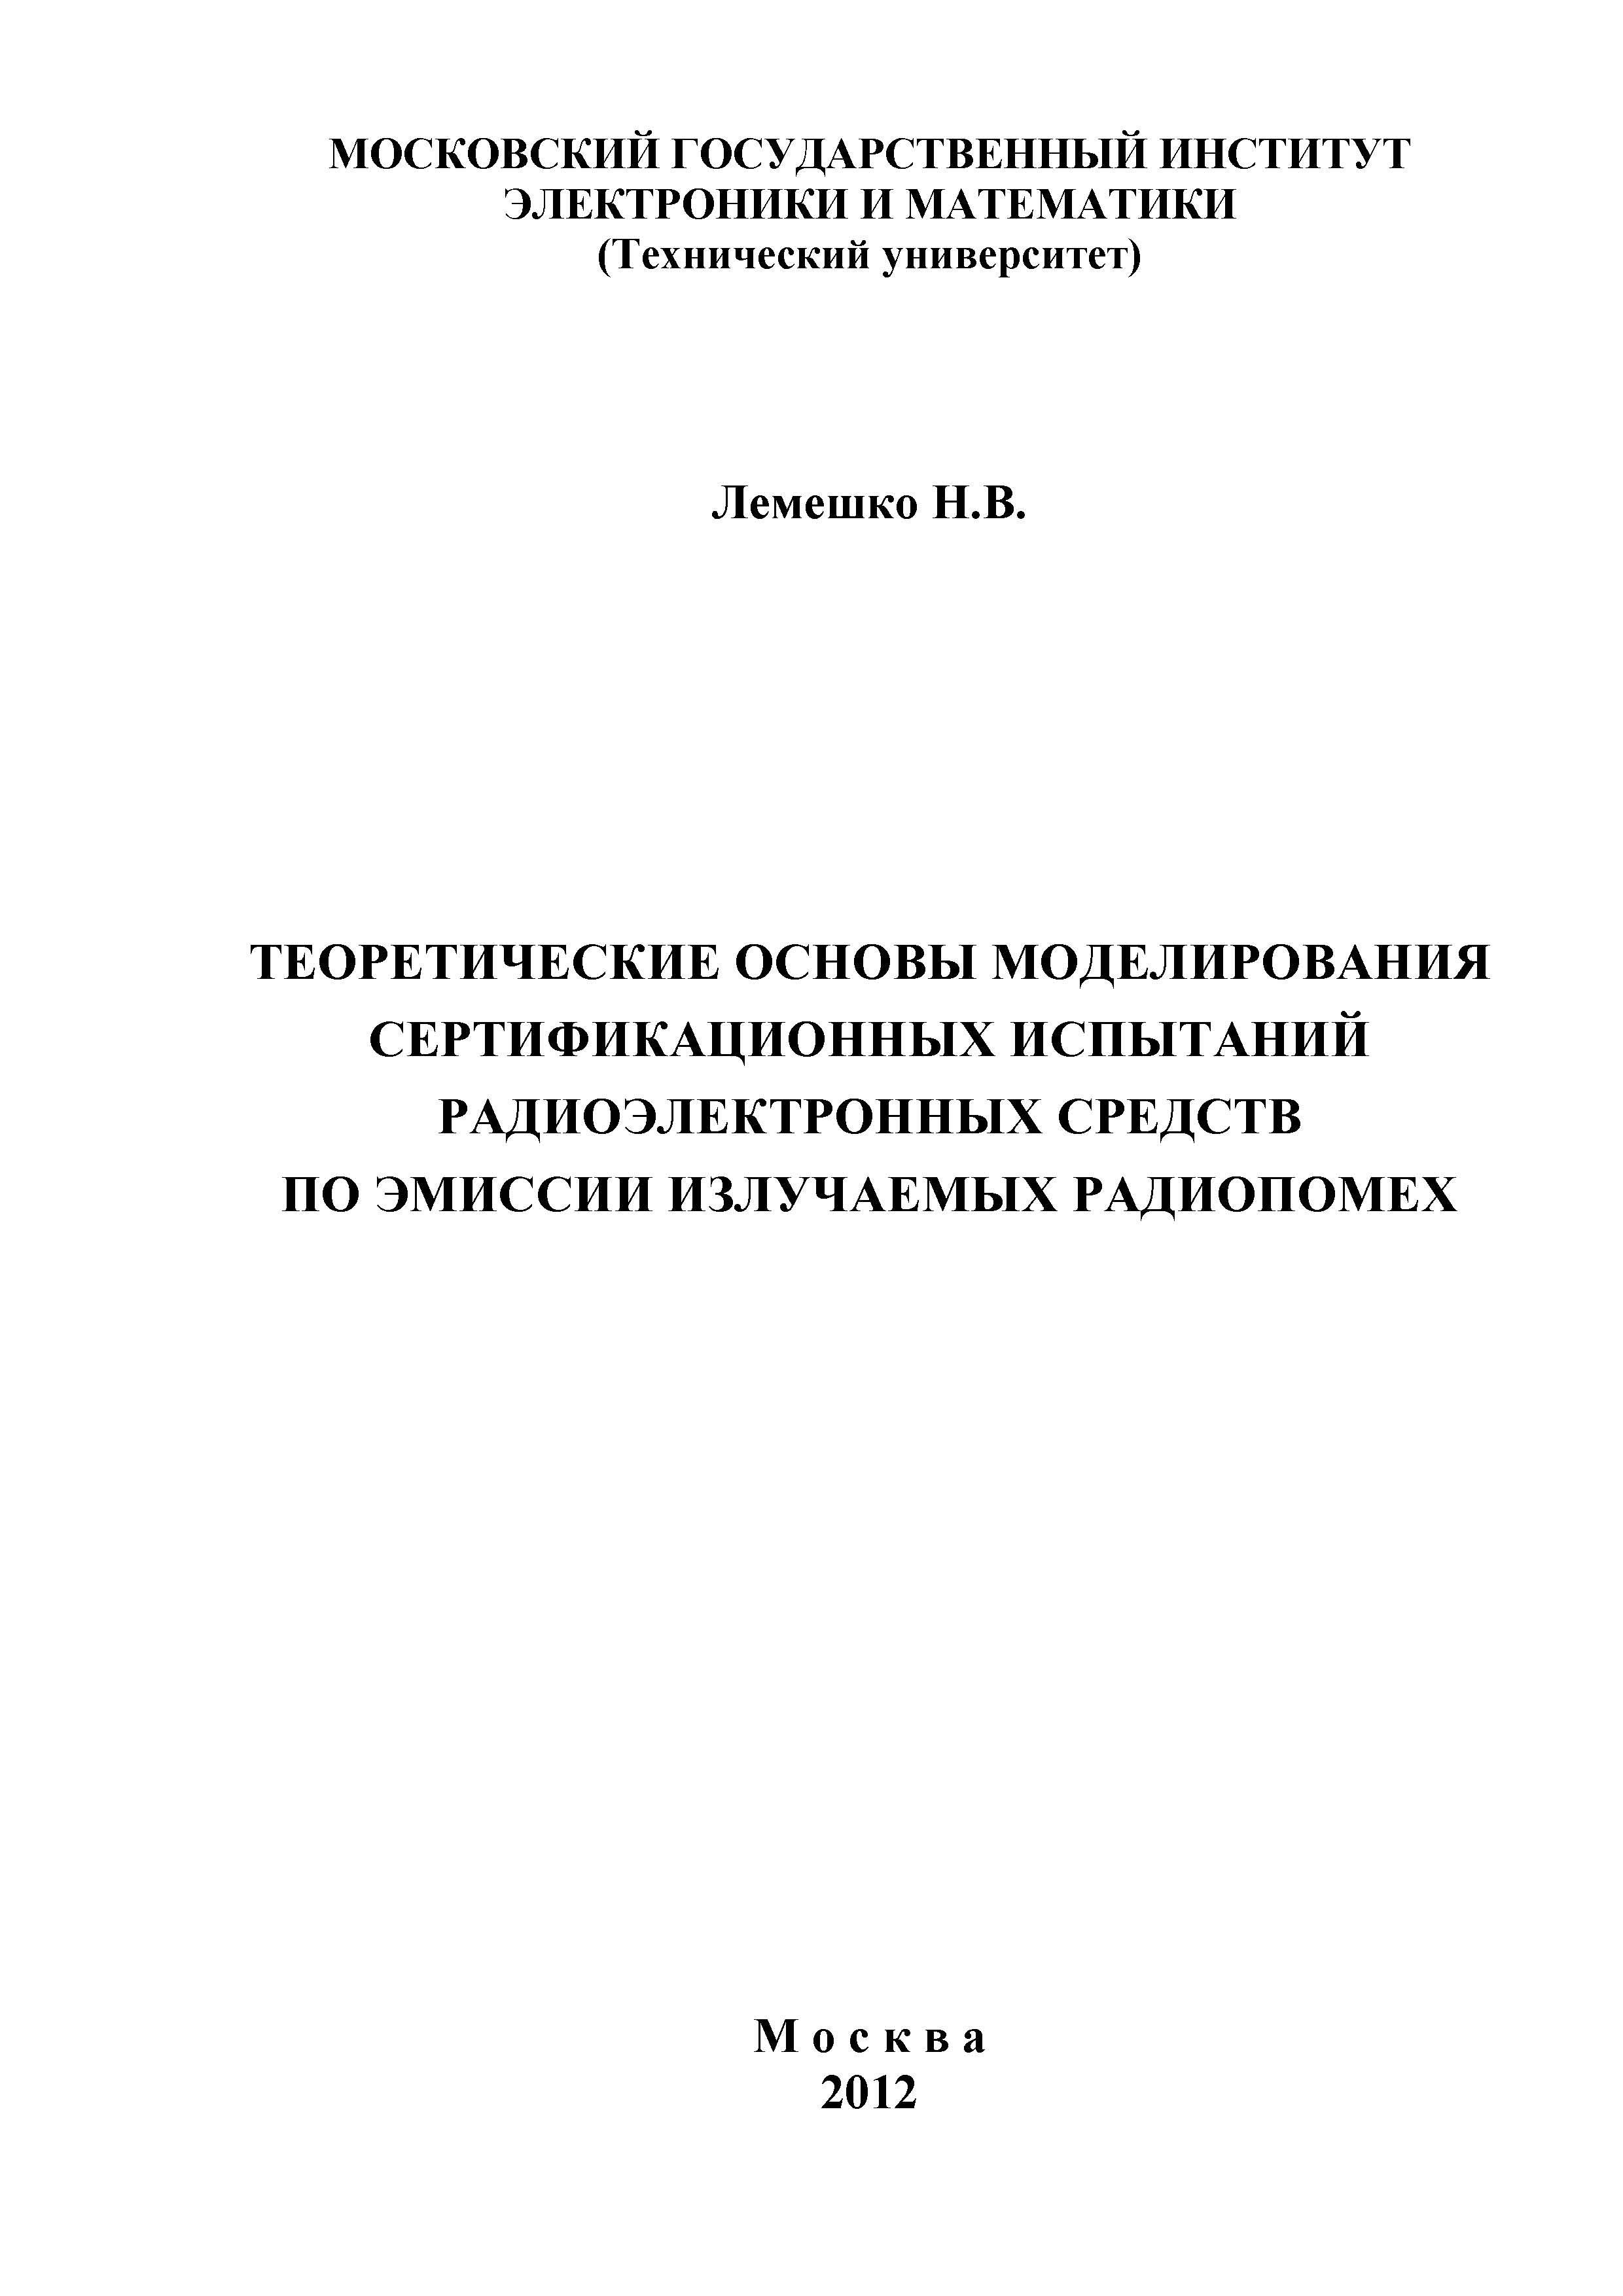 Теоретические основы моделирования сертификационных испытаний радиоэлектронных средств по эмиссии излучаемых радиопомех